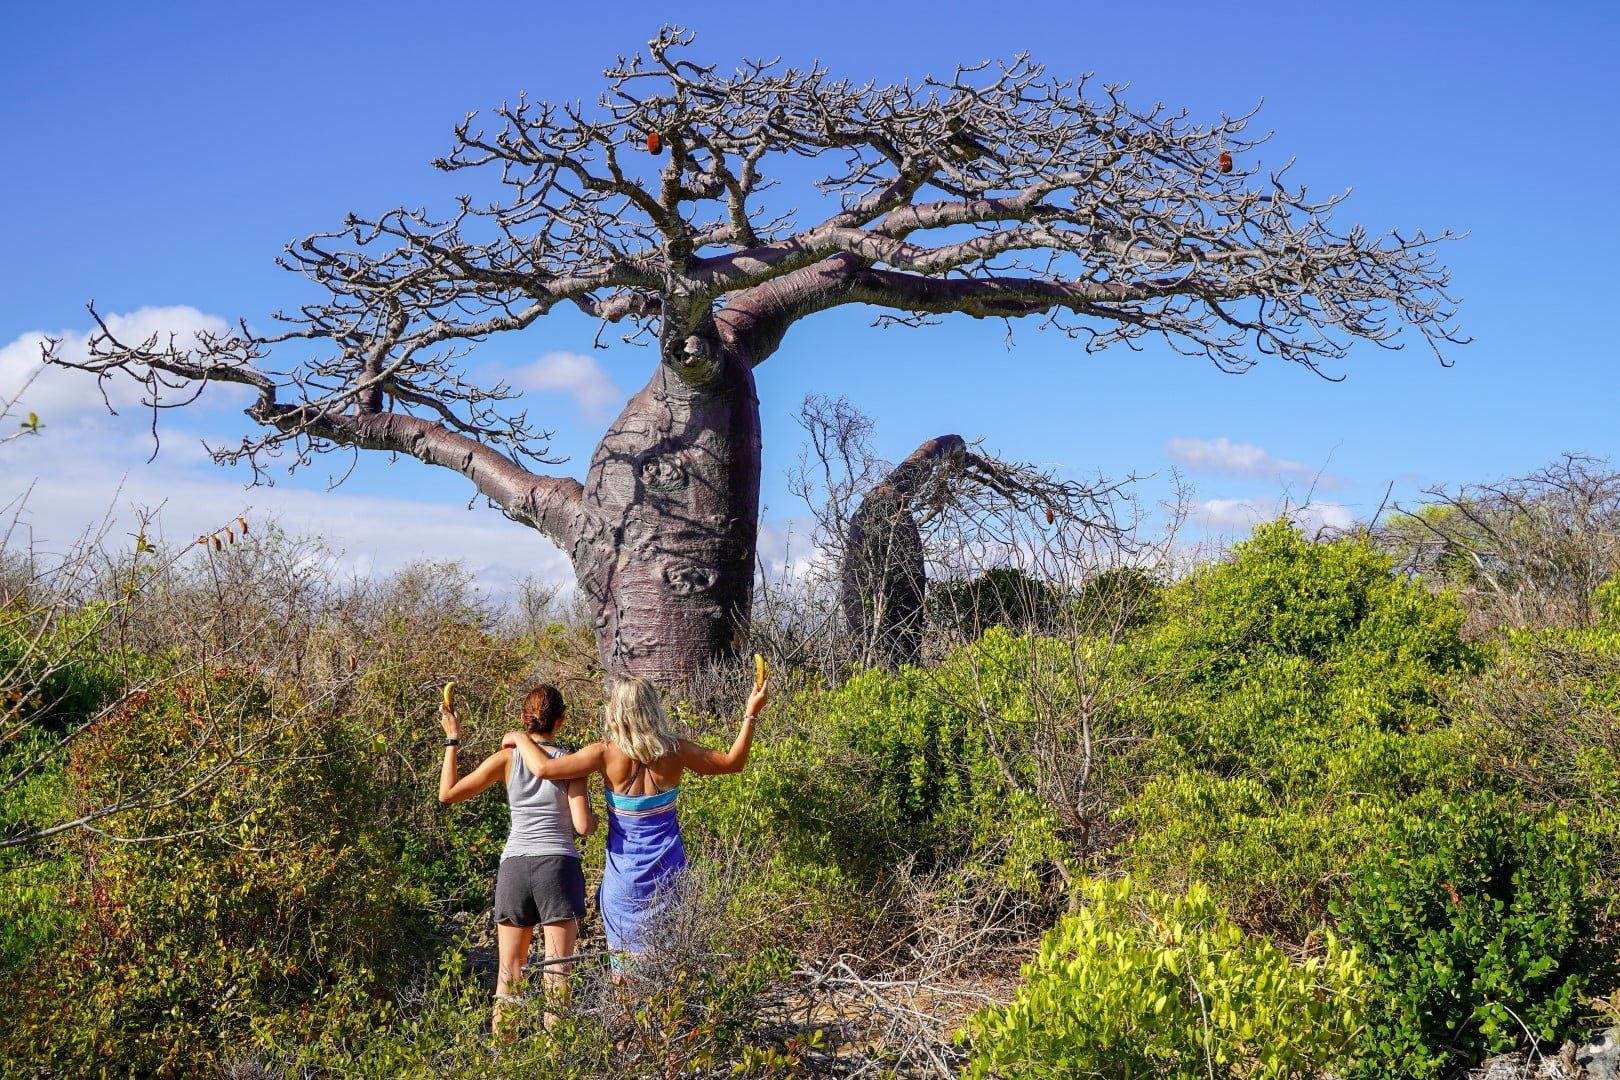 Eden in edini baobab na severu